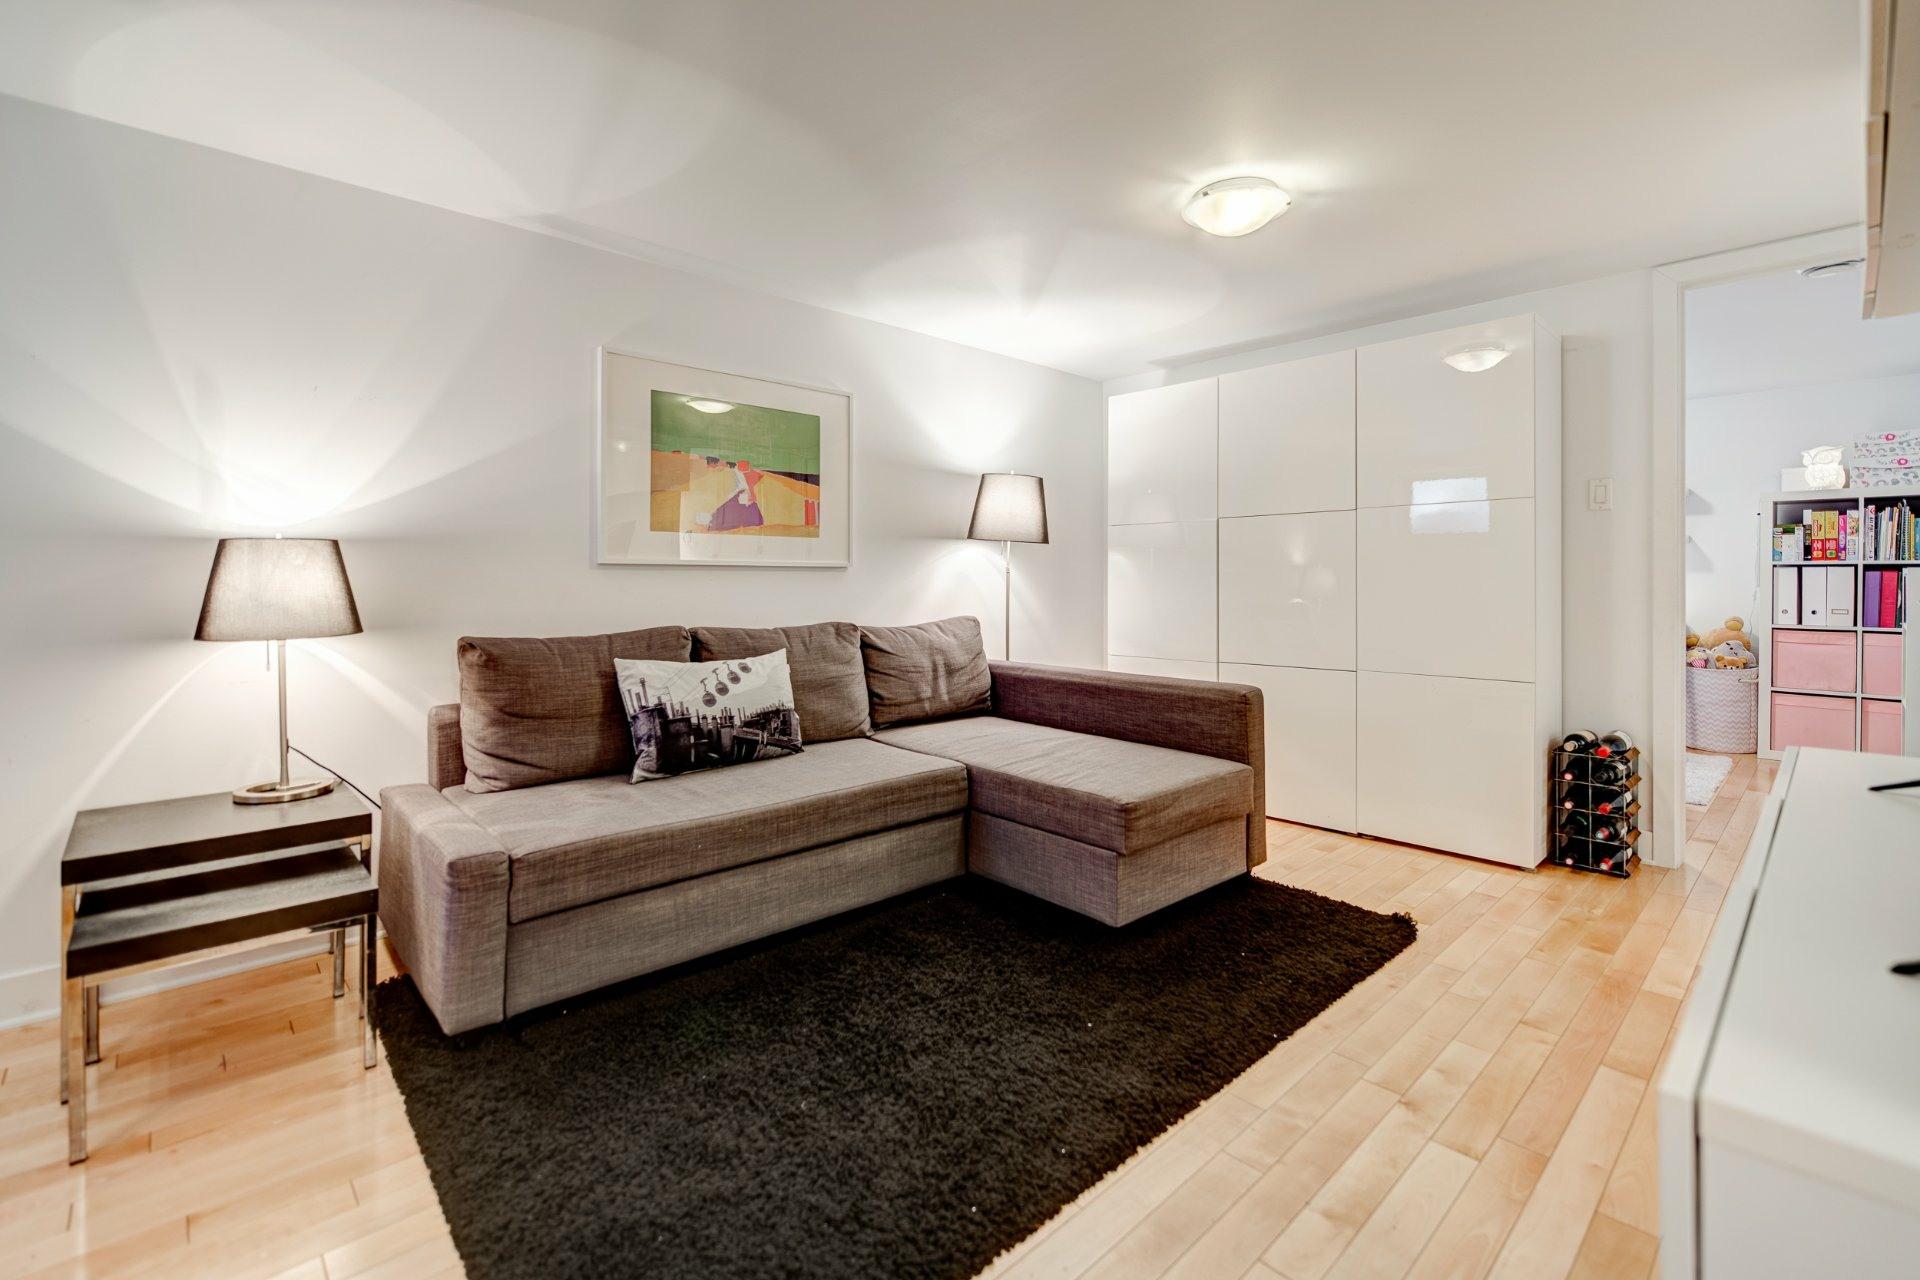 image 18 - Appartement À vendre Rosemont/La Petite-Patrie Montréal  - 6 pièces